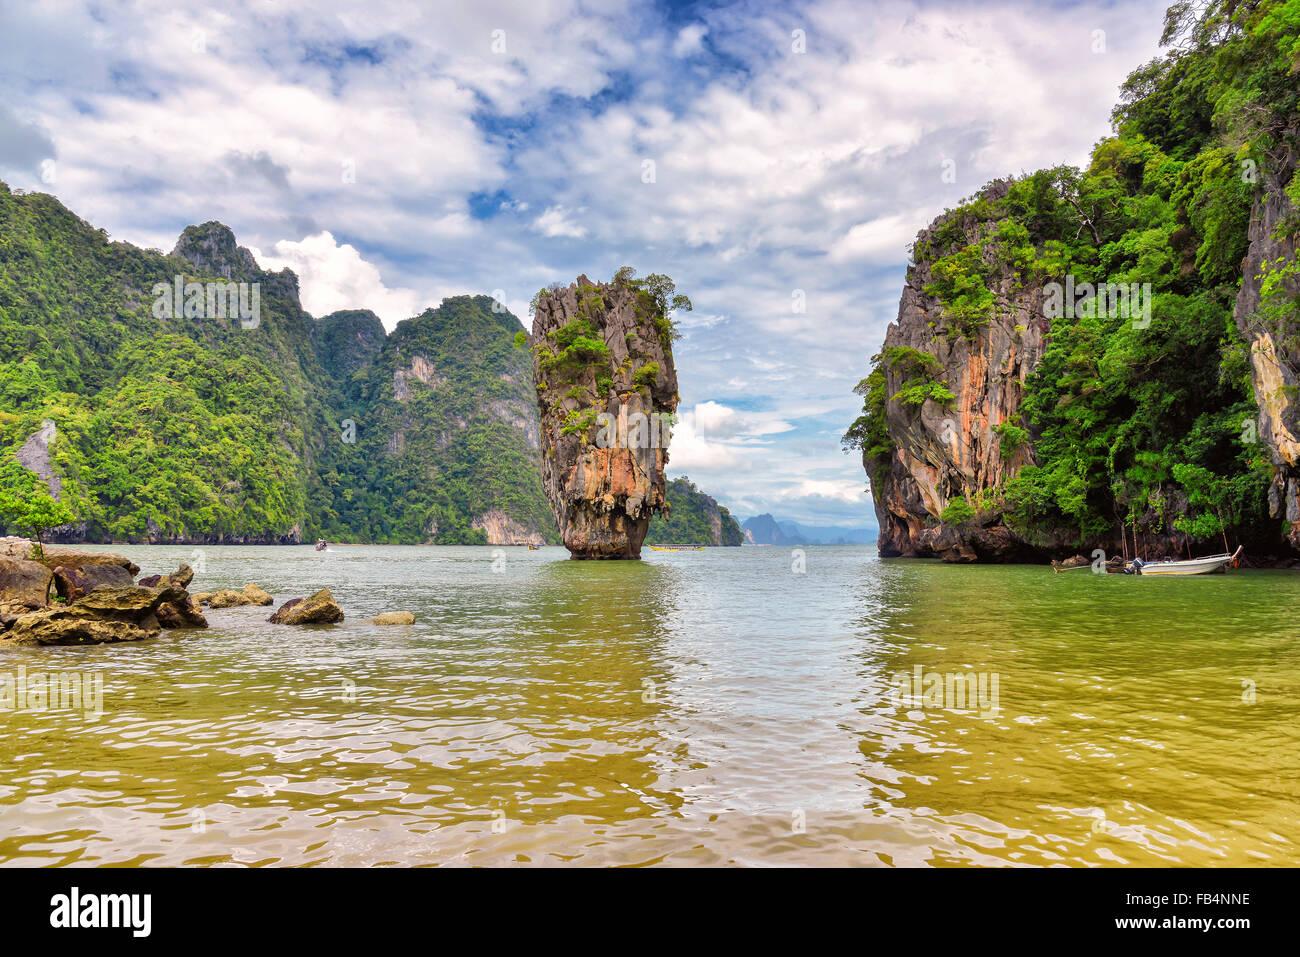 Vista della bella isola tropicale in ambiente estivo Immagini Stock